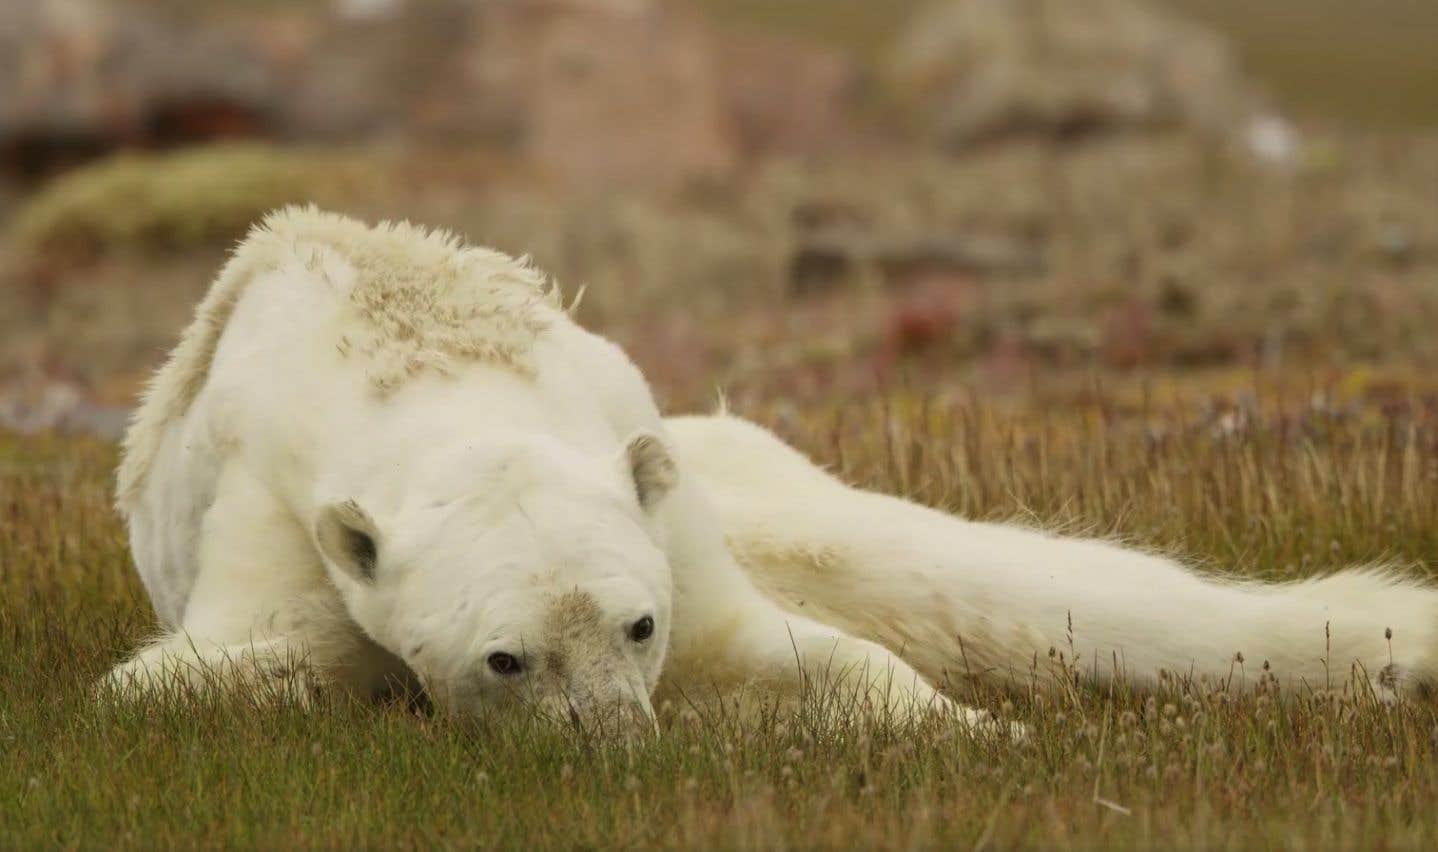 La vidéo montre un ours squelettique, l'écume à la bouche, fouiller dans un baril en métal à la recherche de nourriture.